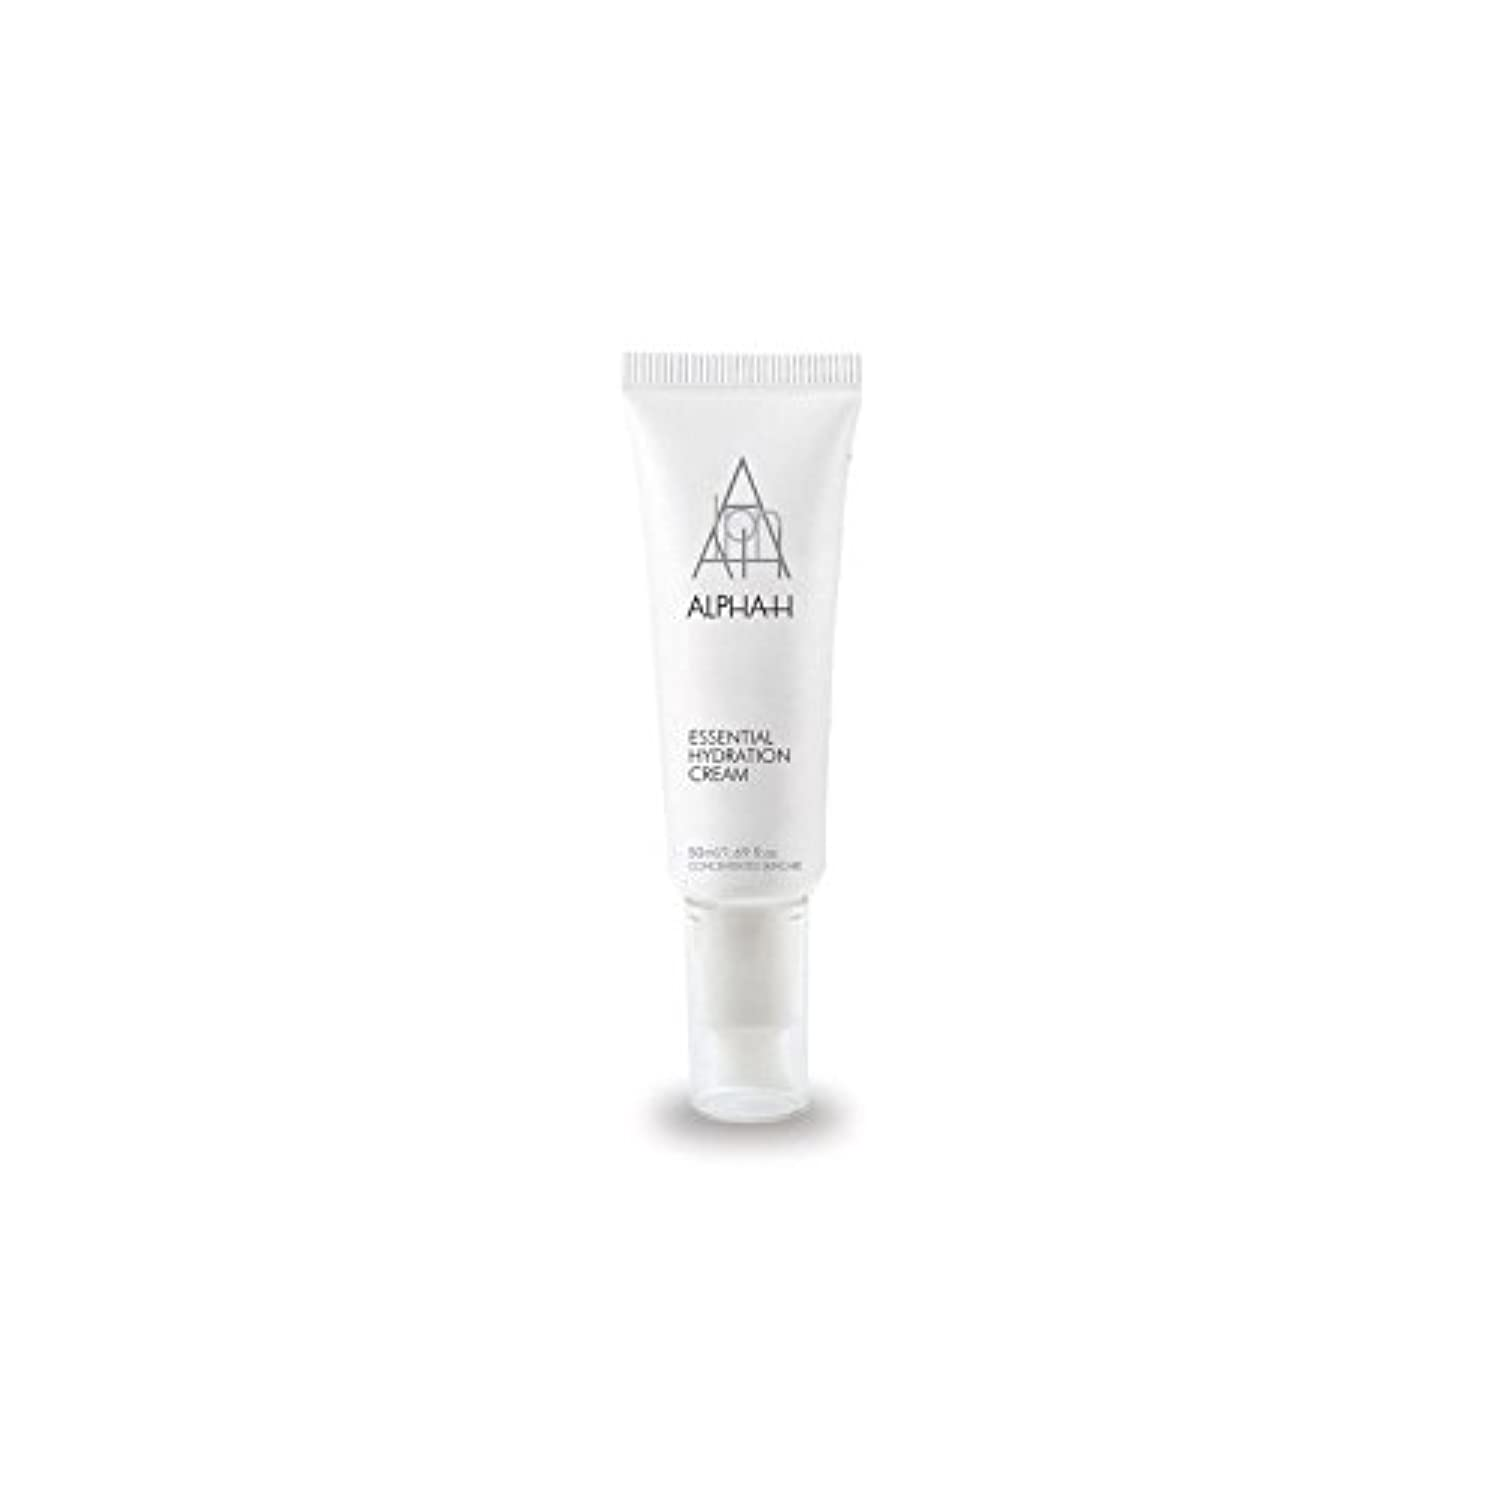 アーティファクト哀れなロードブロッキングAlpha-H Essential Hydration Cream (50ml) - アルファ必須水和クリーム(50)中 [並行輸入品]